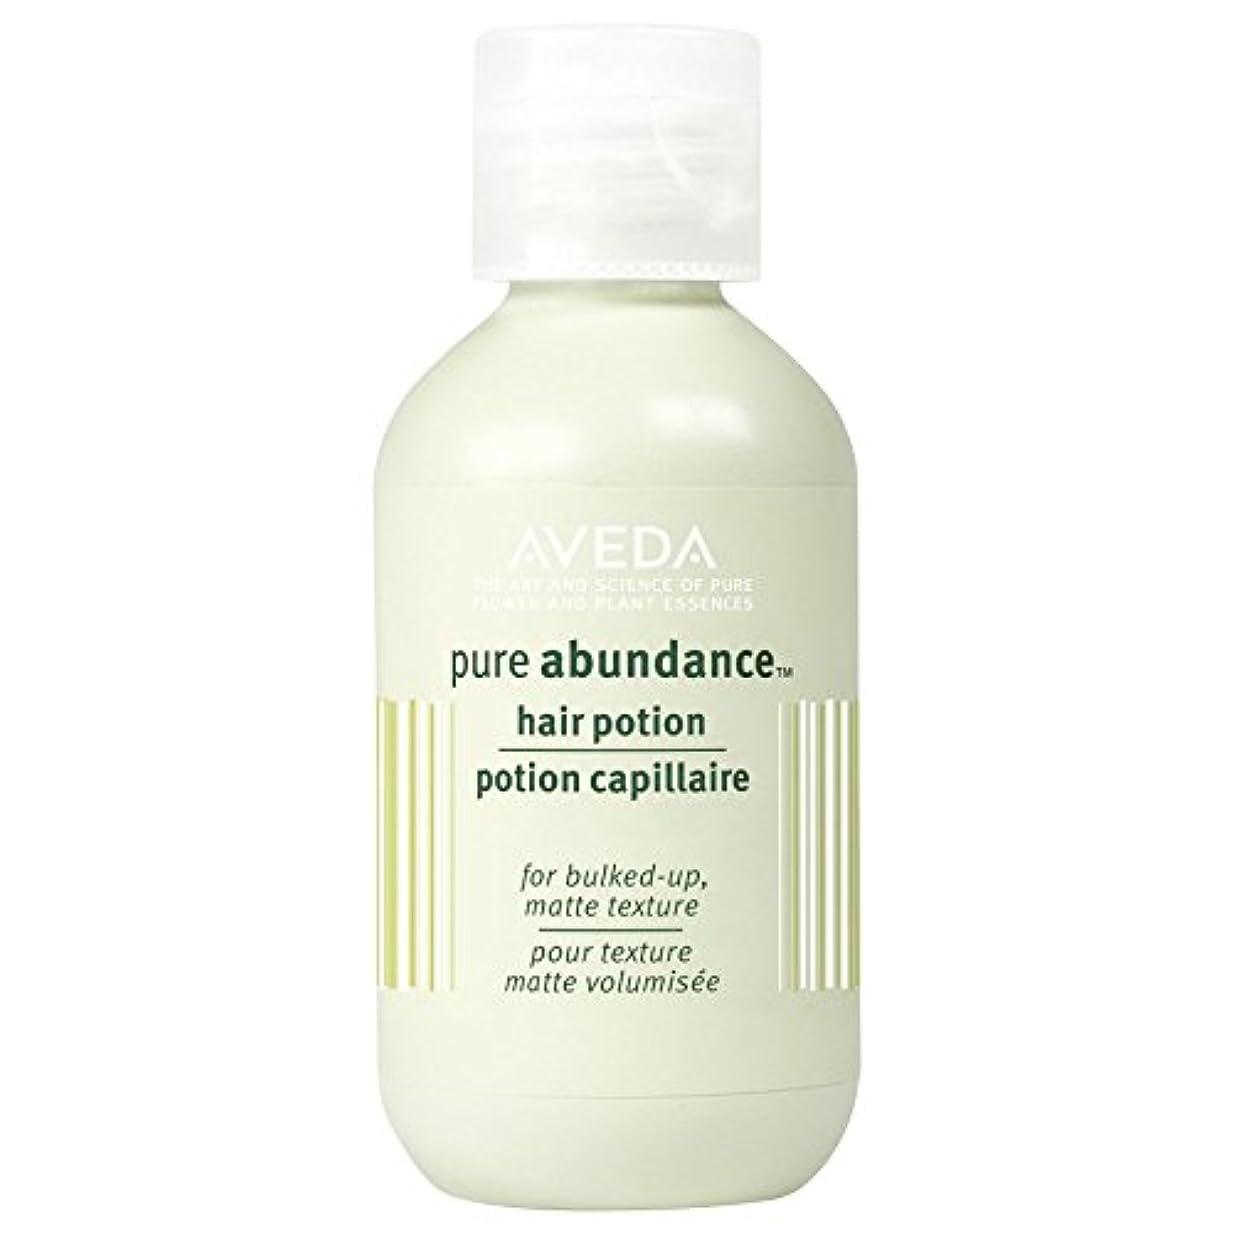 影地元忘れっぽい[AVEDA] アヴェダピュア豊富ヘアポーション20グラム - Aveda Pure Abundance Hair Potion 20g [並行輸入品]